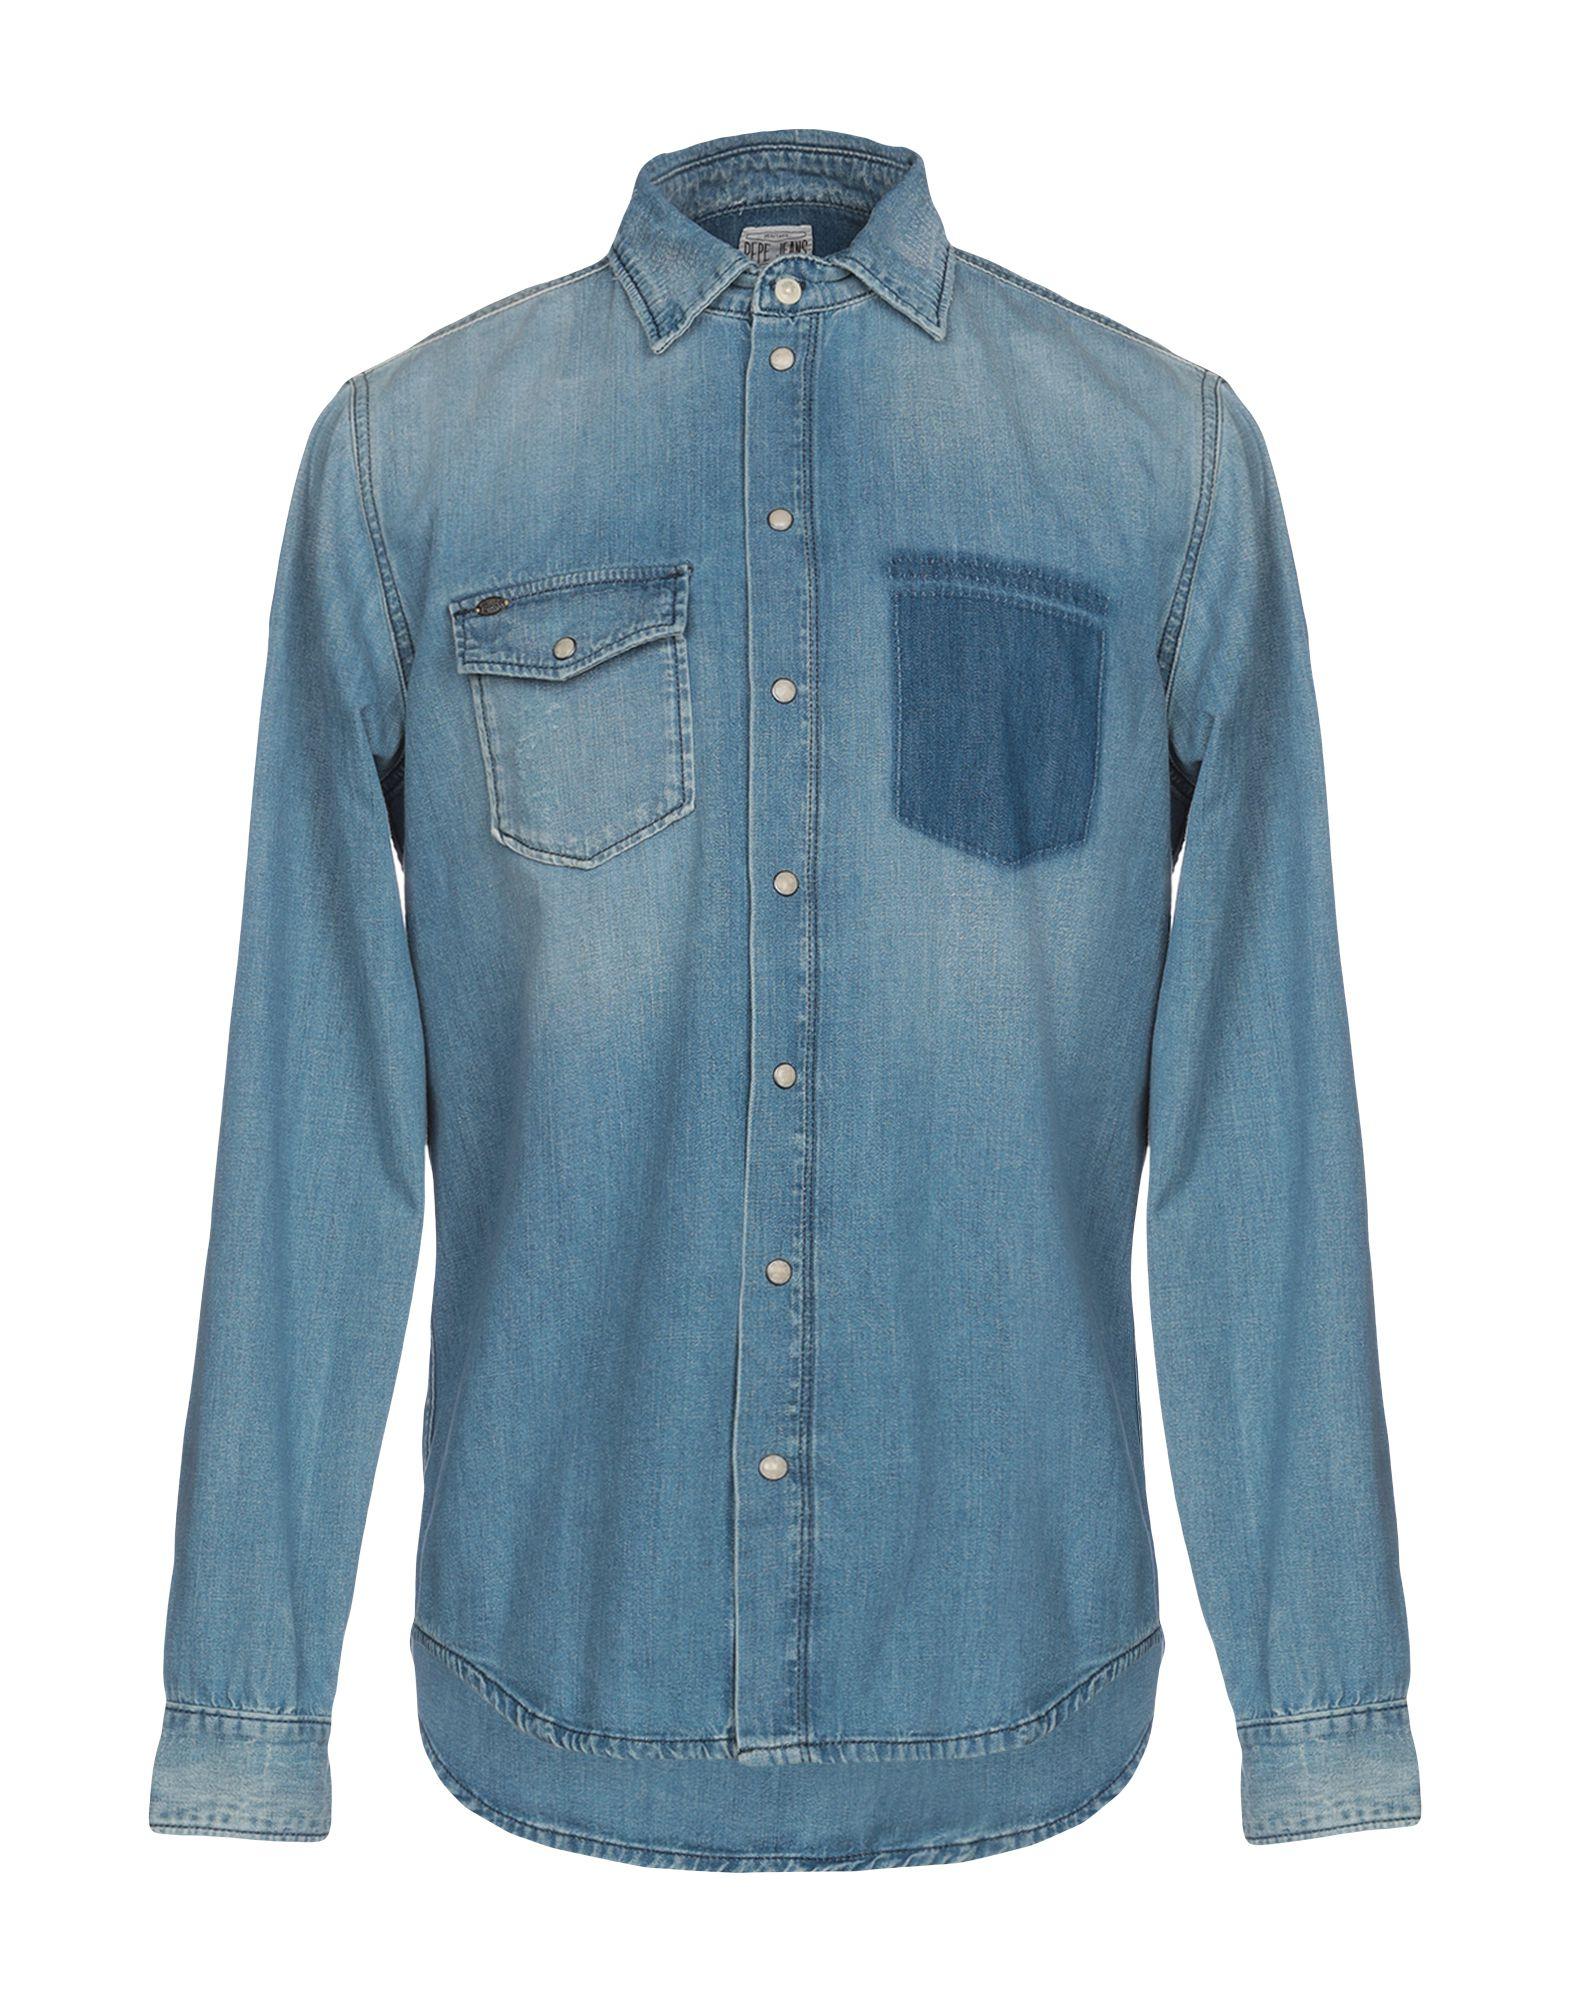 PEPE JEANS HERITAGE Джинсовая рубашка